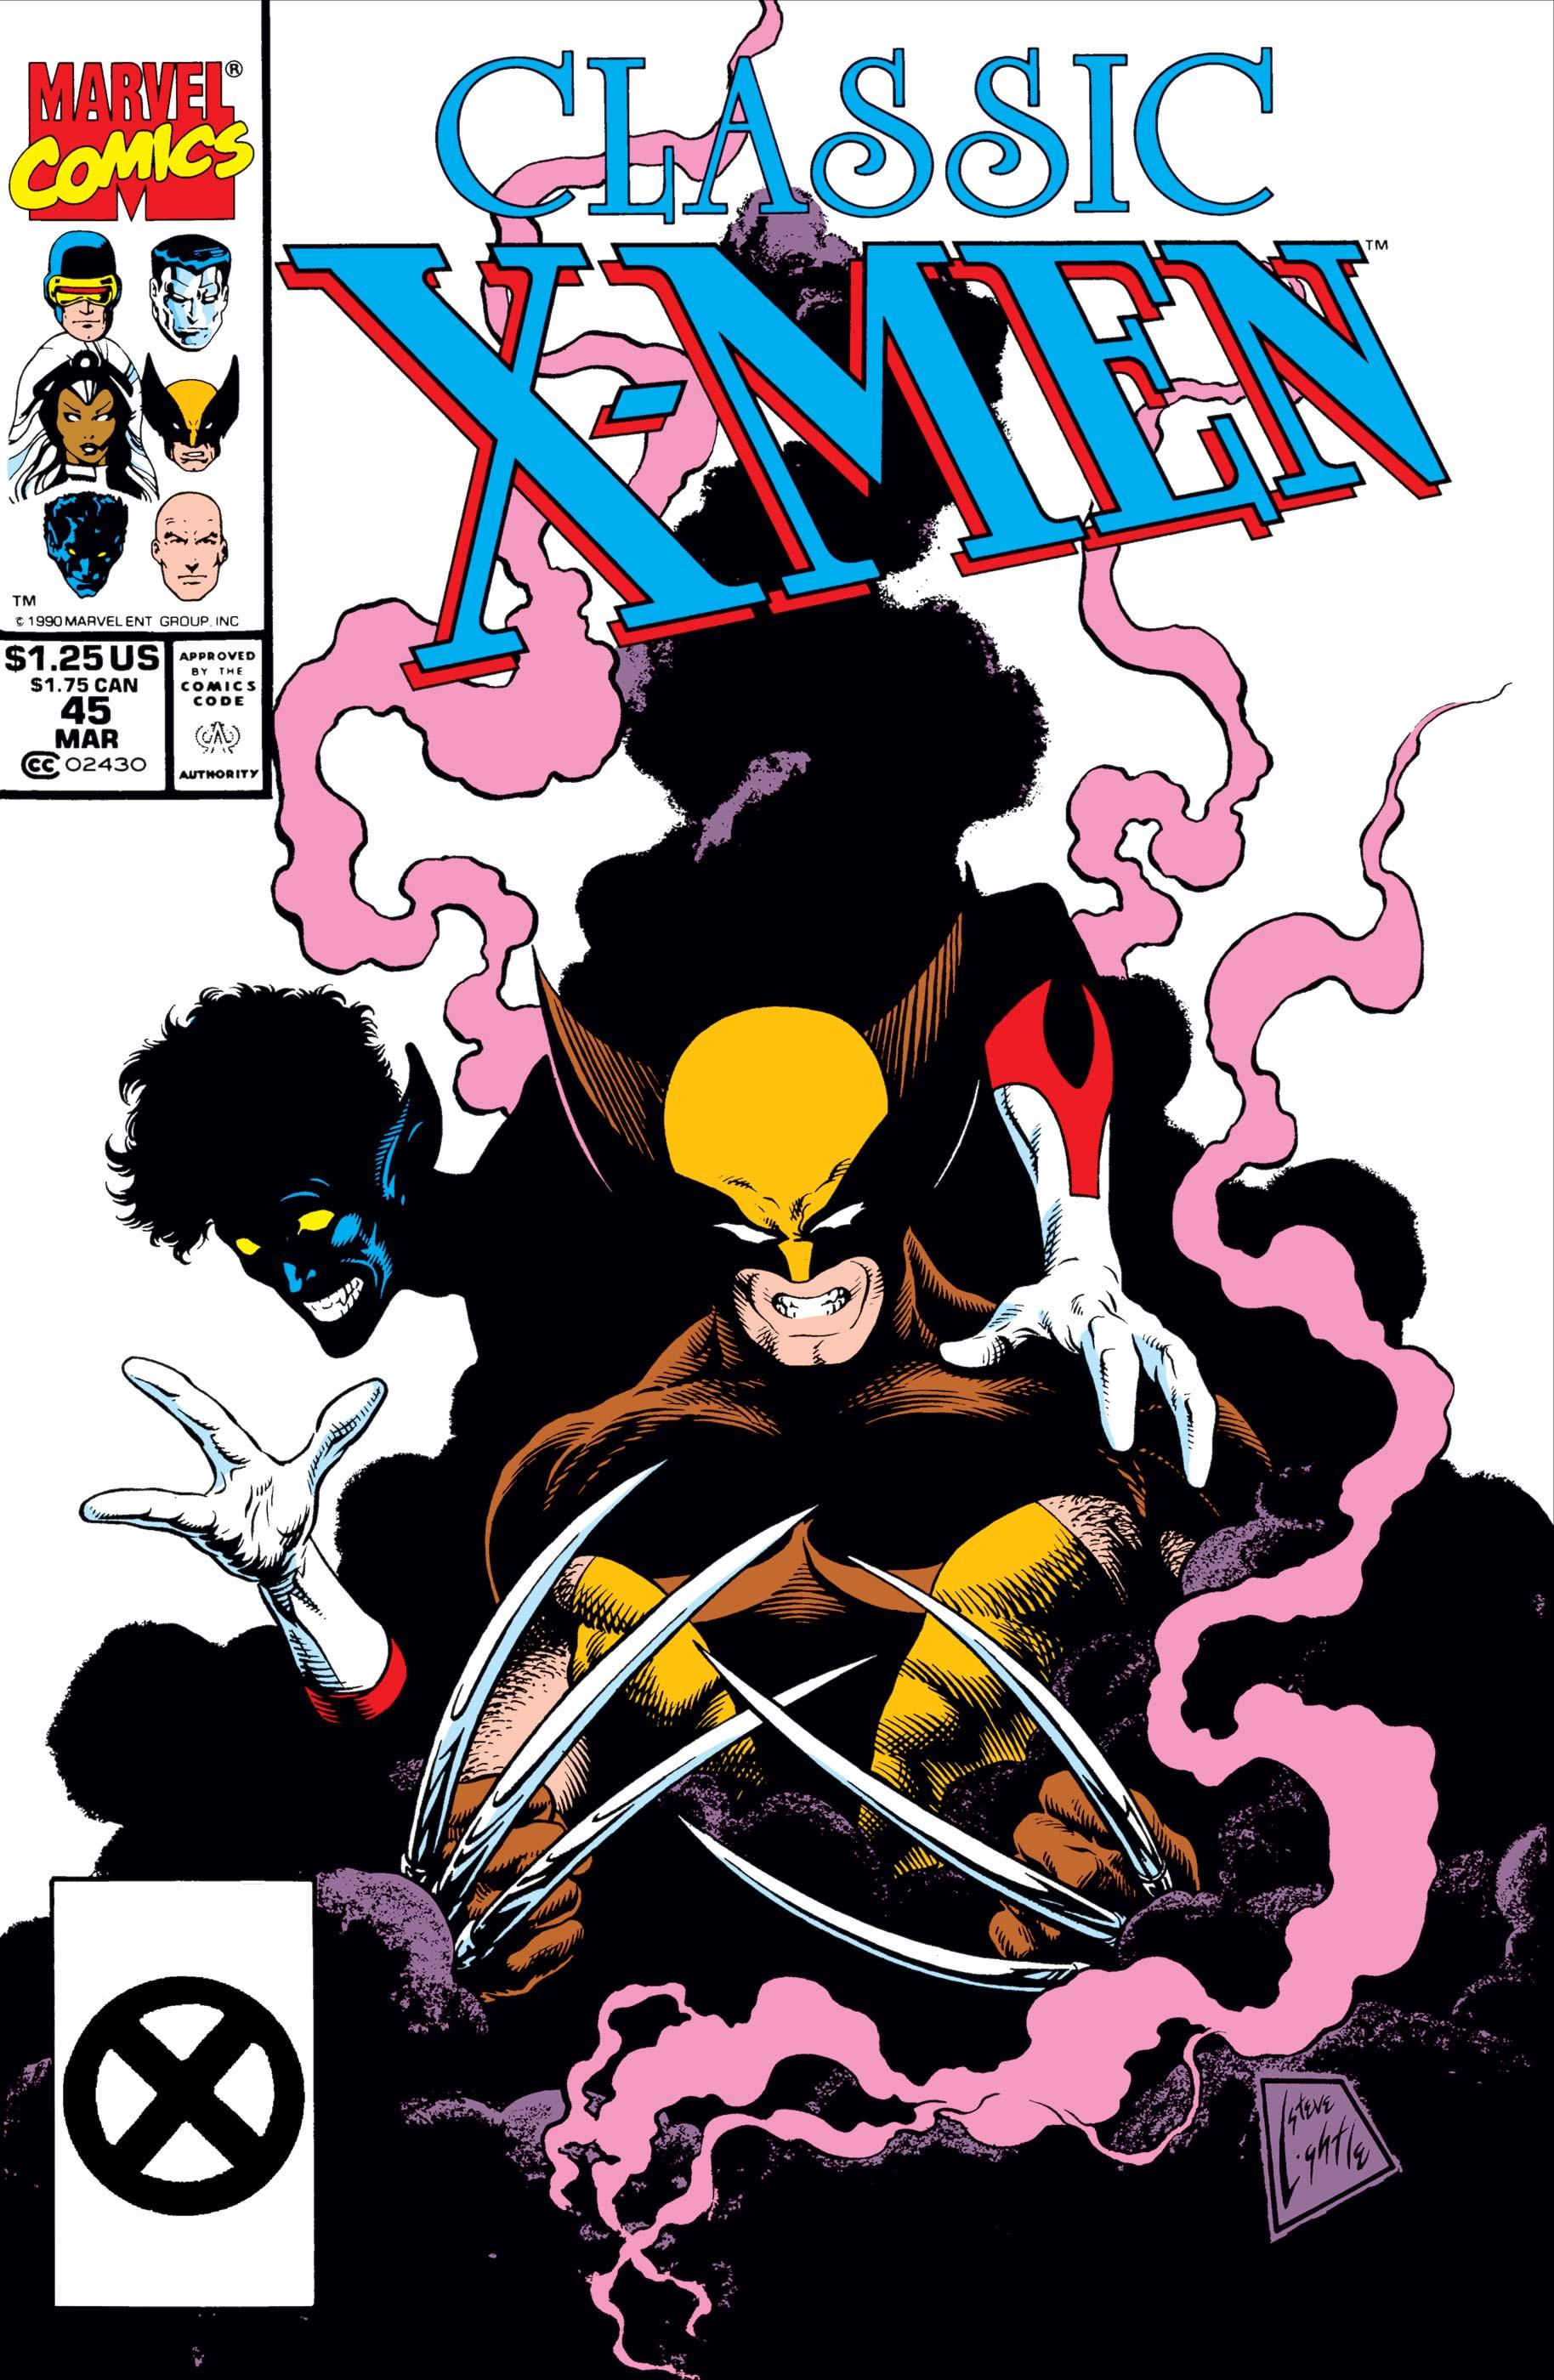 Classic X-Men (1986) #45